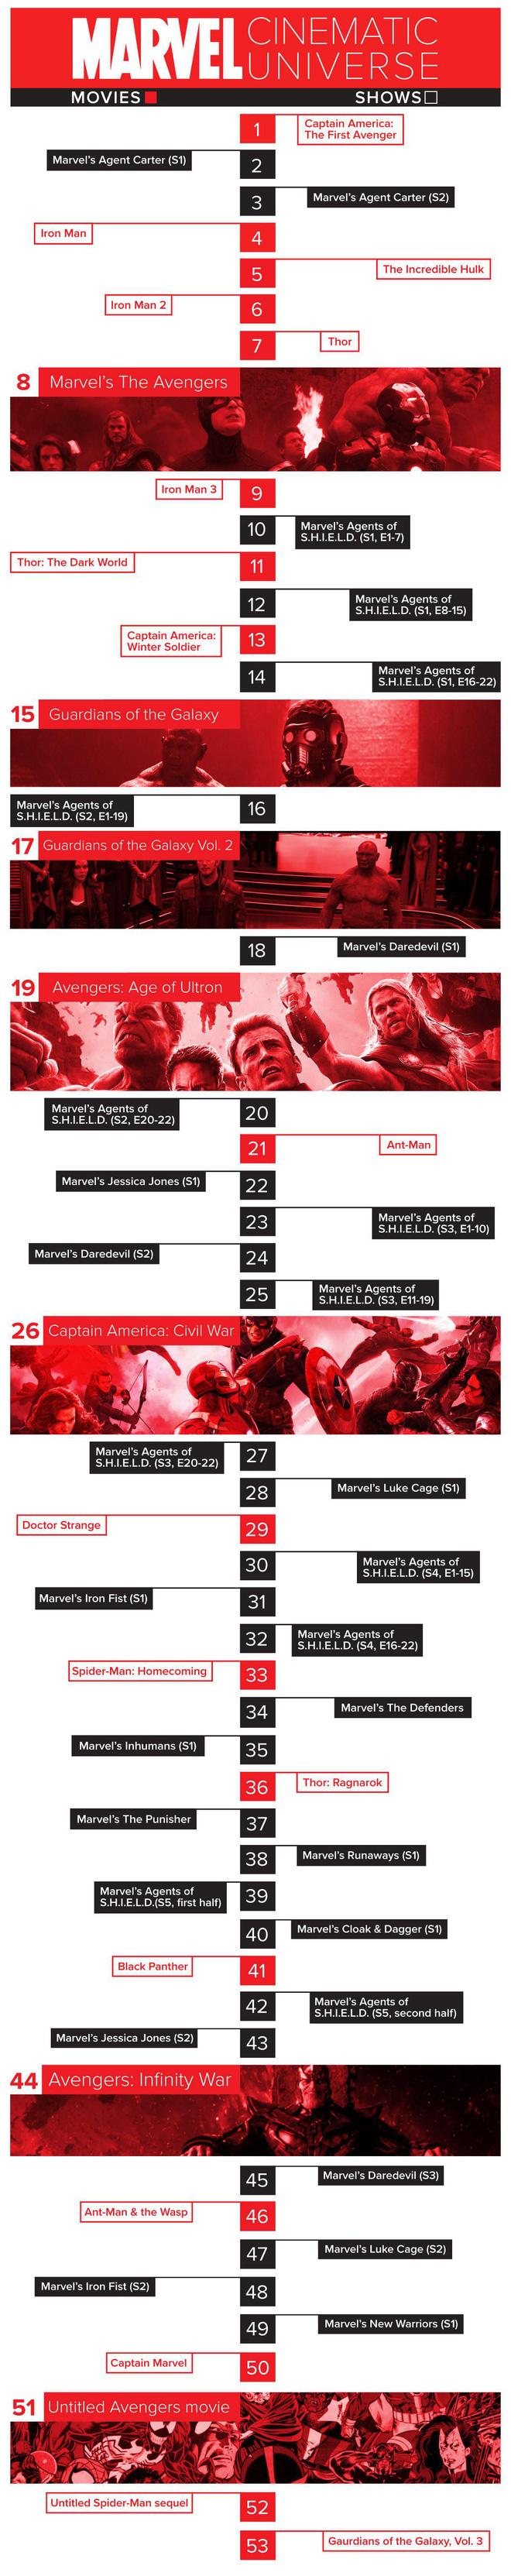 Trình tự đúng nhất để xem lại các phim trong vũ trụ điện ảnh Marvel trước khi Avengers: Infinity War ra rạp - Ảnh 4.